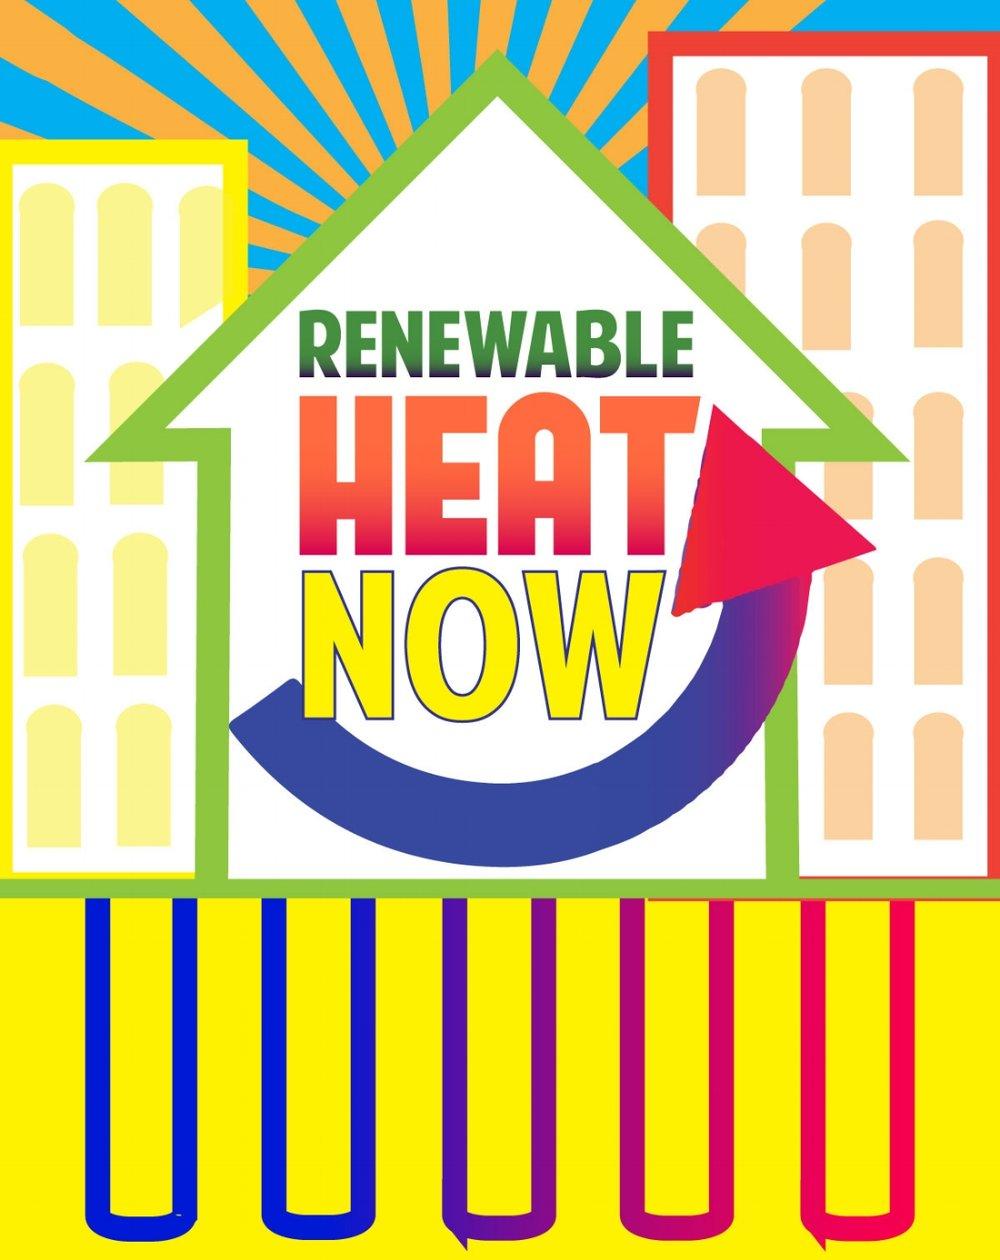 renewableheatnowlogo.jpg